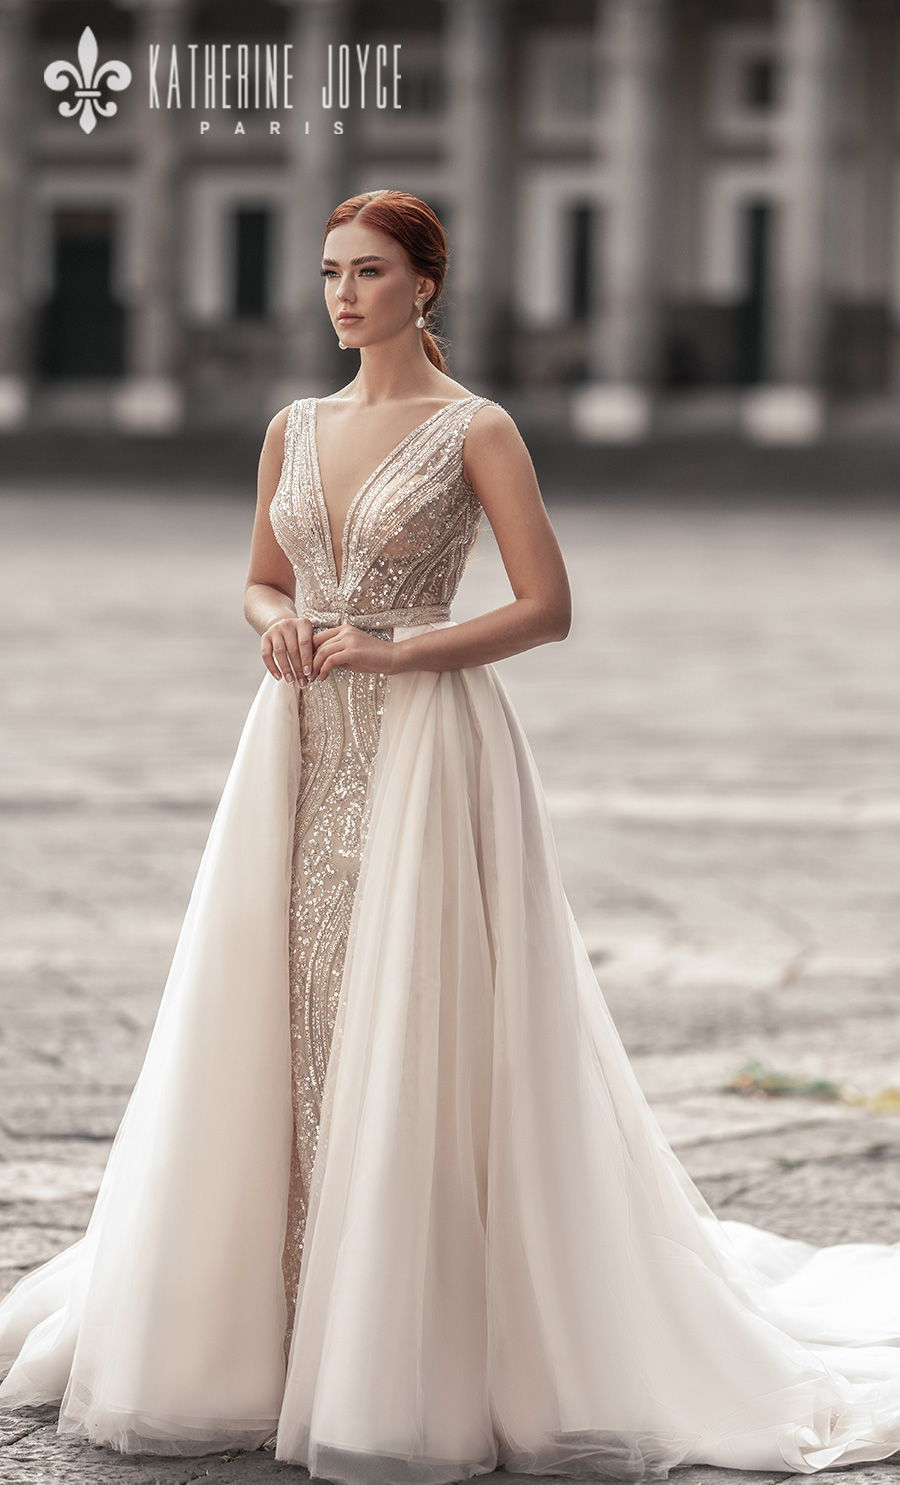 katherine joyce 2021 naples bridal sleeveless deep v neck full embellishment glitter glamorous elegant gold sheath wedding dress a line overskirt v back chapel train (sirena) mv